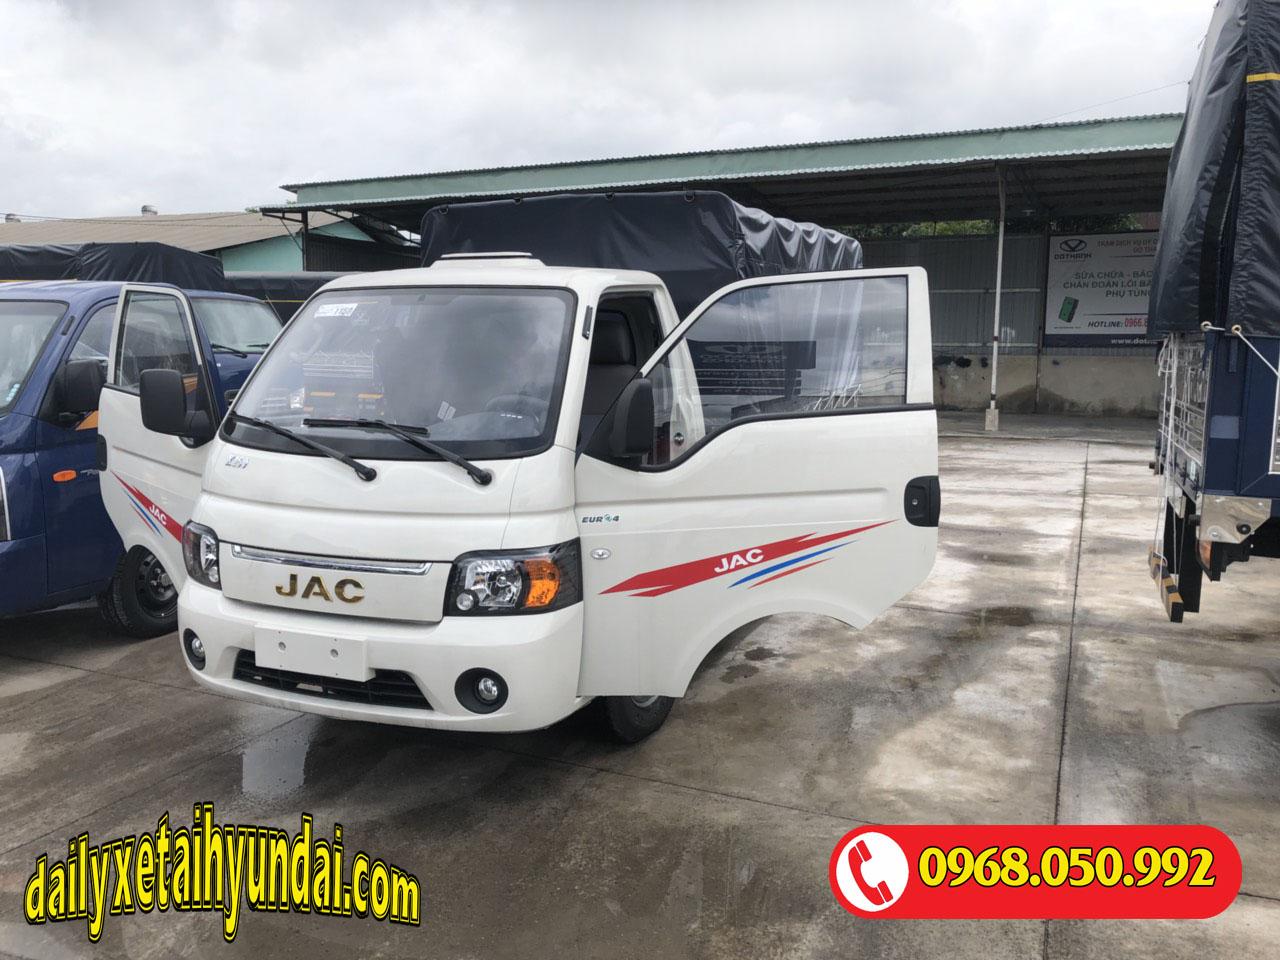 Ngoại hình xe tải Jac x150